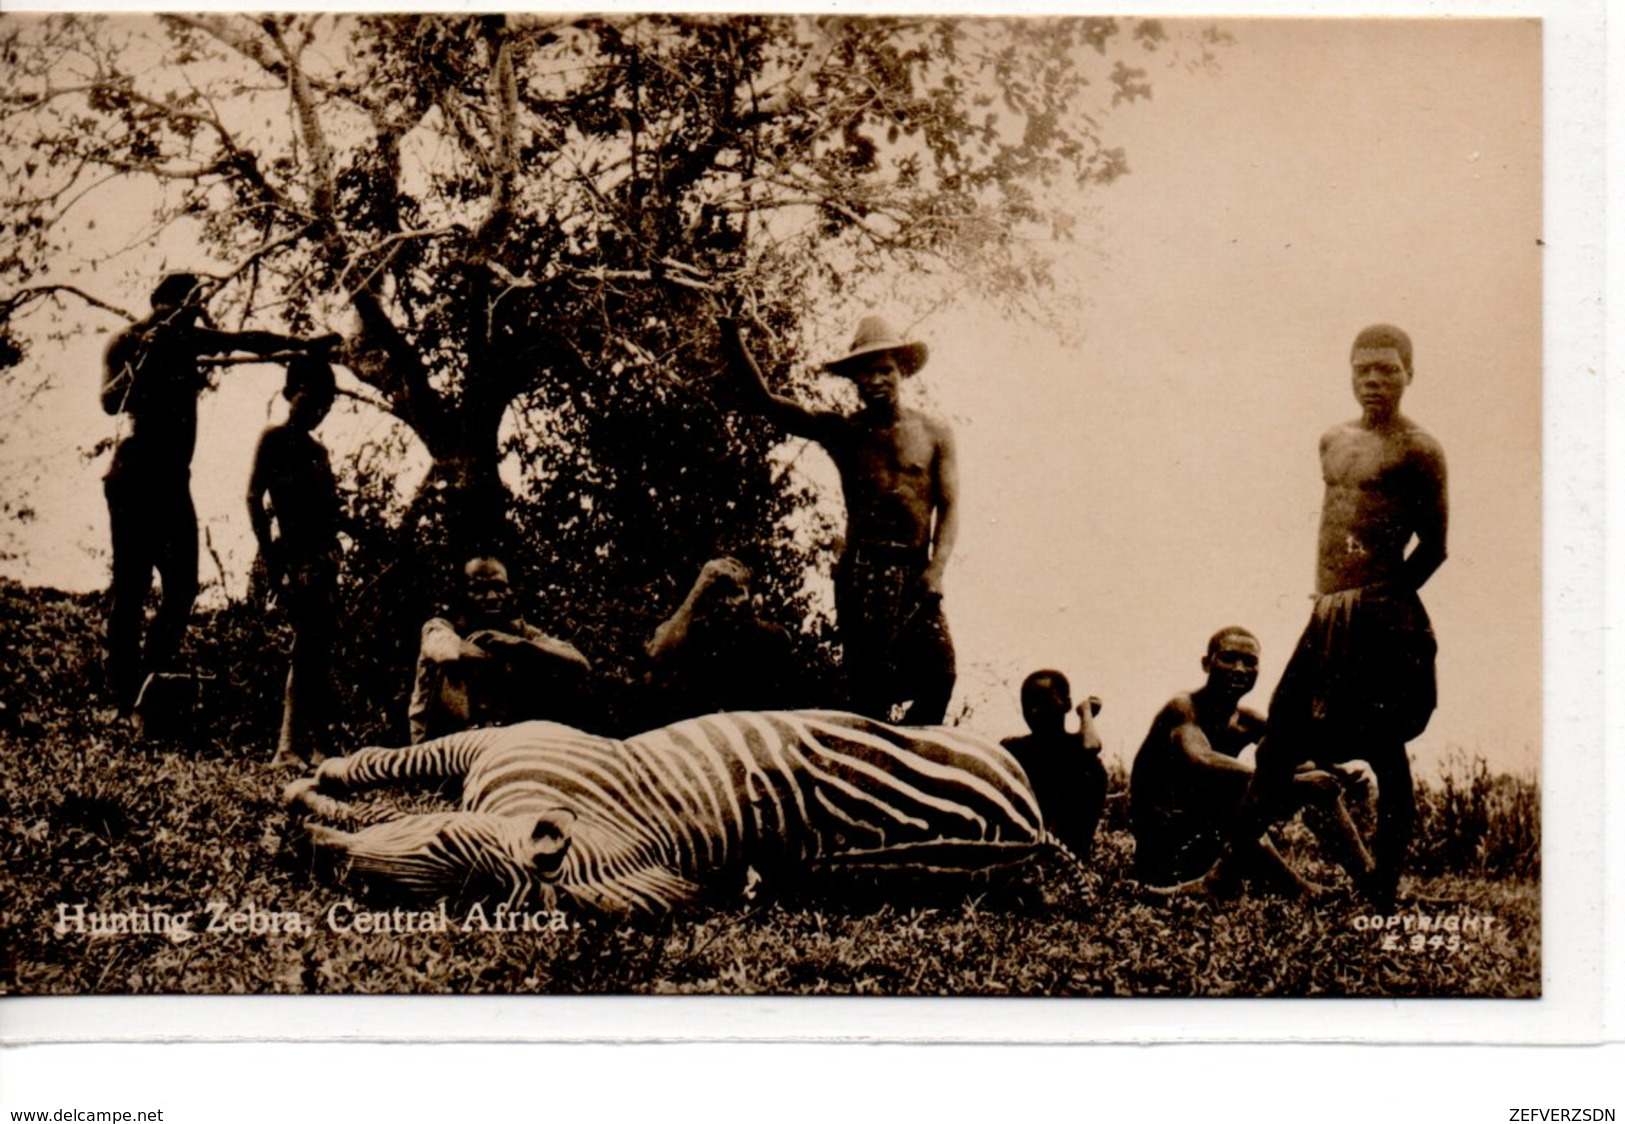 CHASSE ZEBRE CENTRAFRIQUE AFRIQUE DU SUD CARTE PHOTO HUNTING ZEBRA SAPSCO JOHANNESBURG - Centrafricaine (République)